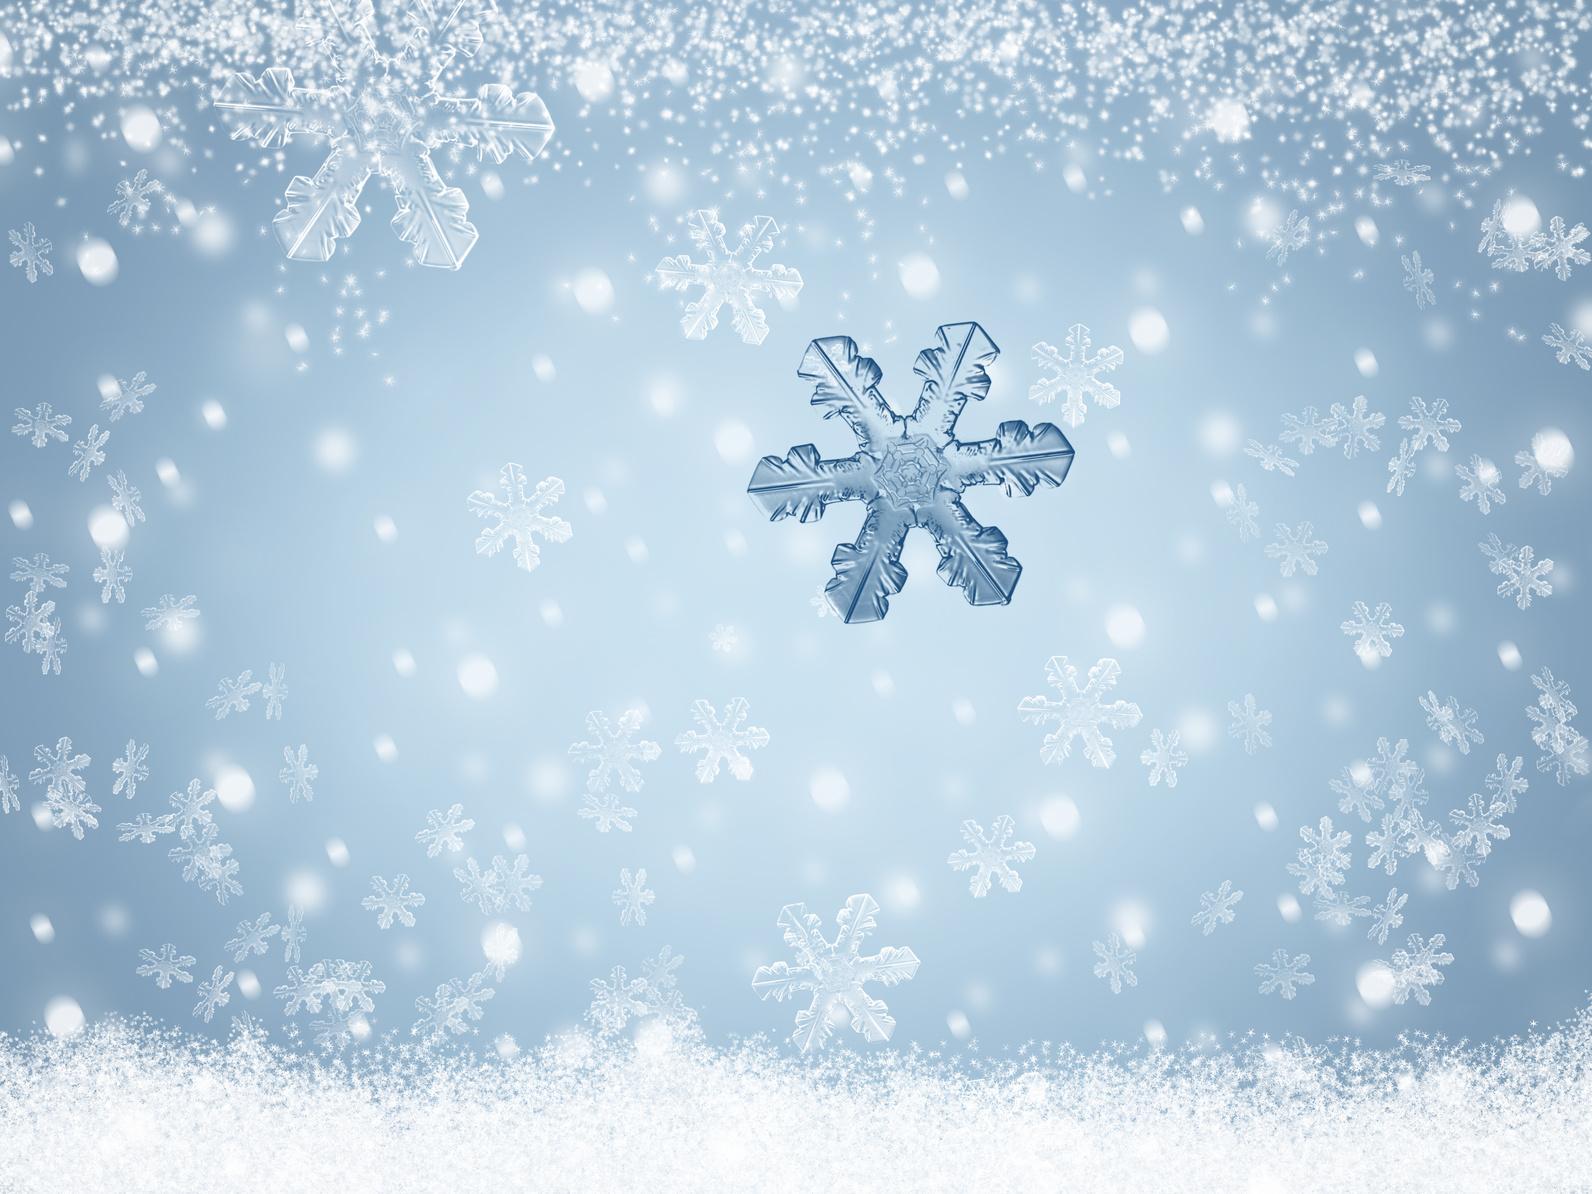 Erfahre mehr über Krankheiten im Winter und wie dir die Homöopathie, Naturheilkunde und unsere Hausmittel beim gesund werden helfen können. Fotolia © ladavie